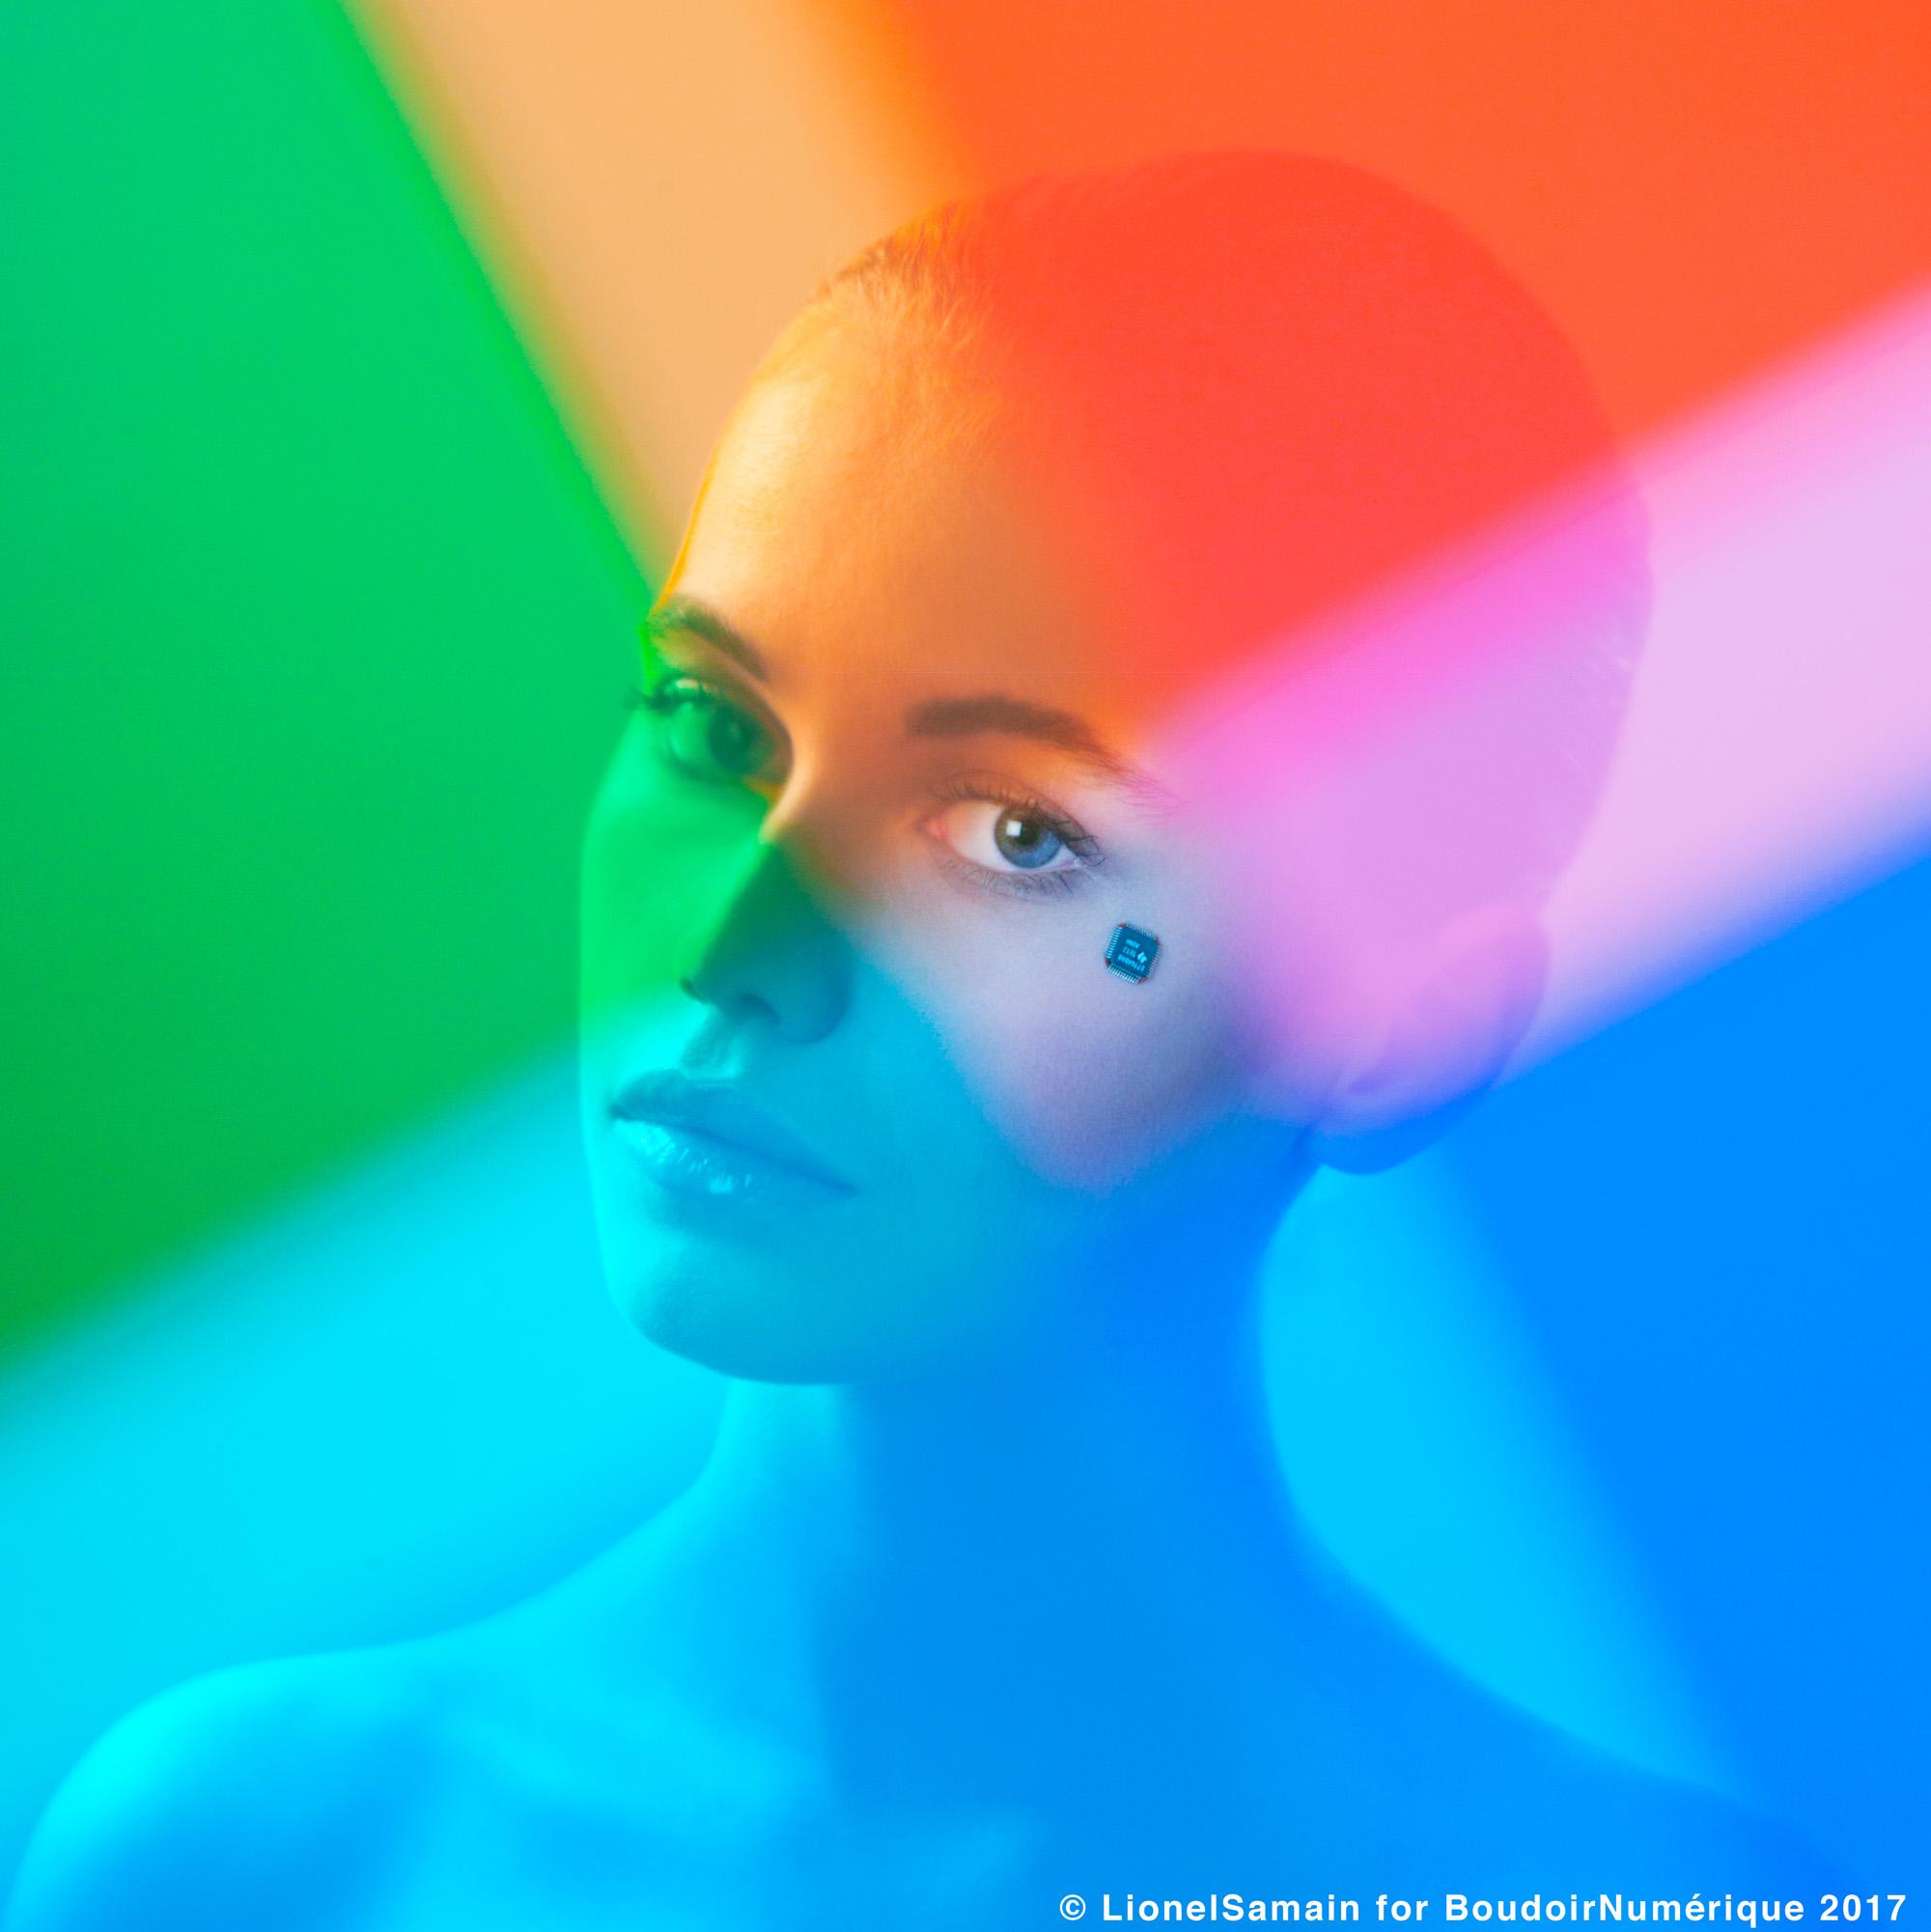 """""""La mouche du code"""" by Le Boudoir Numérique. Photographe : Lionel Samain. Makeup artist : Mathieu de Mayer avec M.A.C Cosmetics et Bumble and Bumble. Model : Paulina S. chez Mademoiselle Agency."""